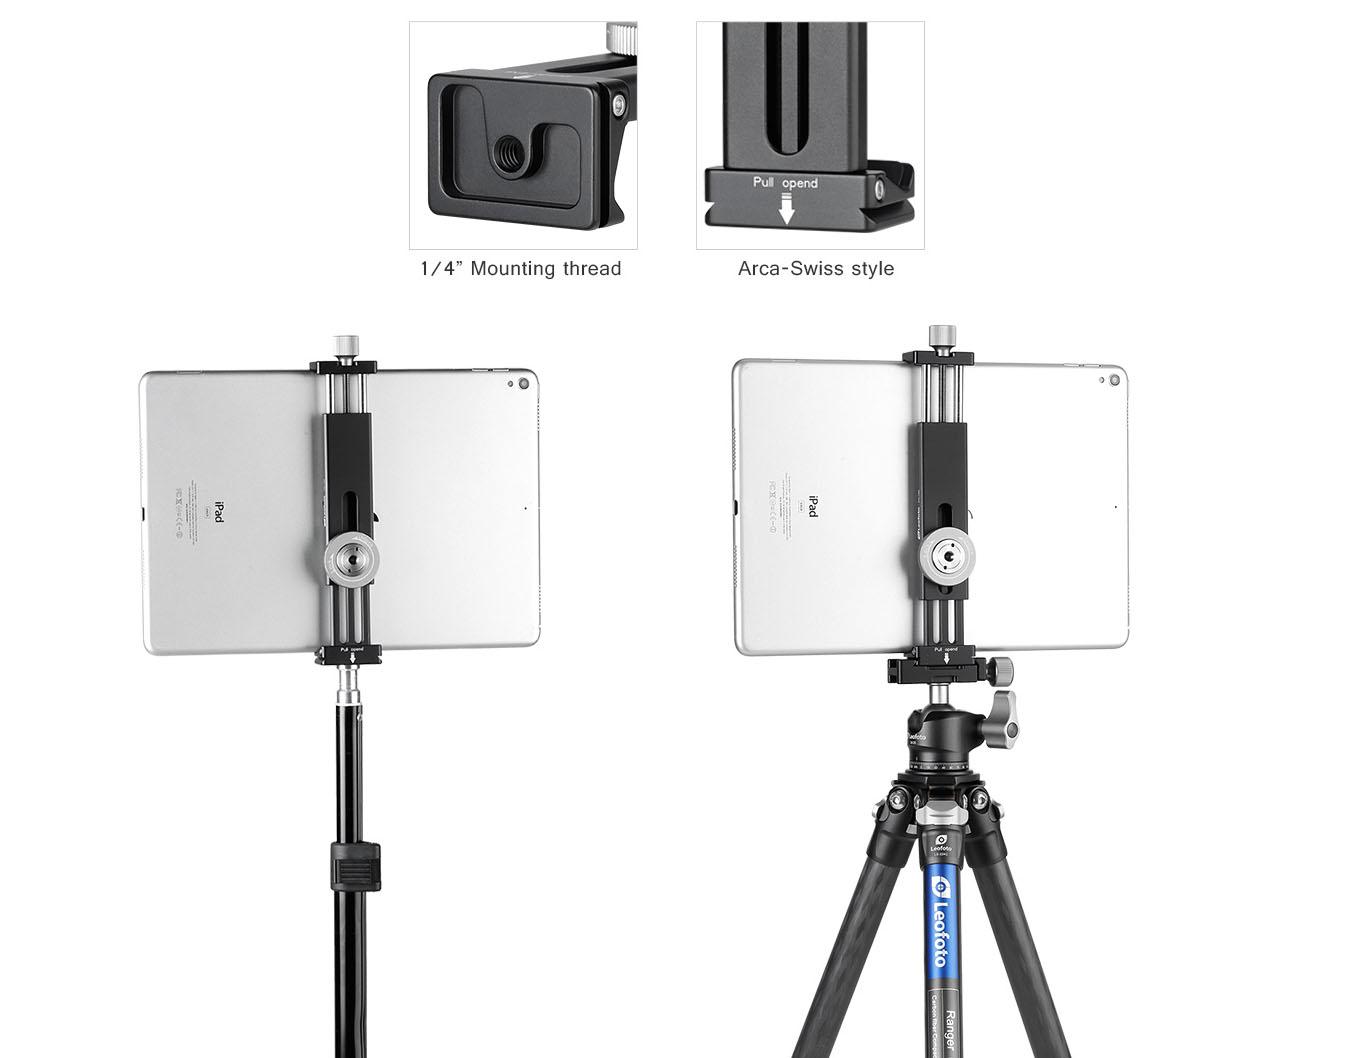 Leofoto PC-190 pinza extensible con arca swiss y entrada tornillo para telefonos movil y tablets e iPad